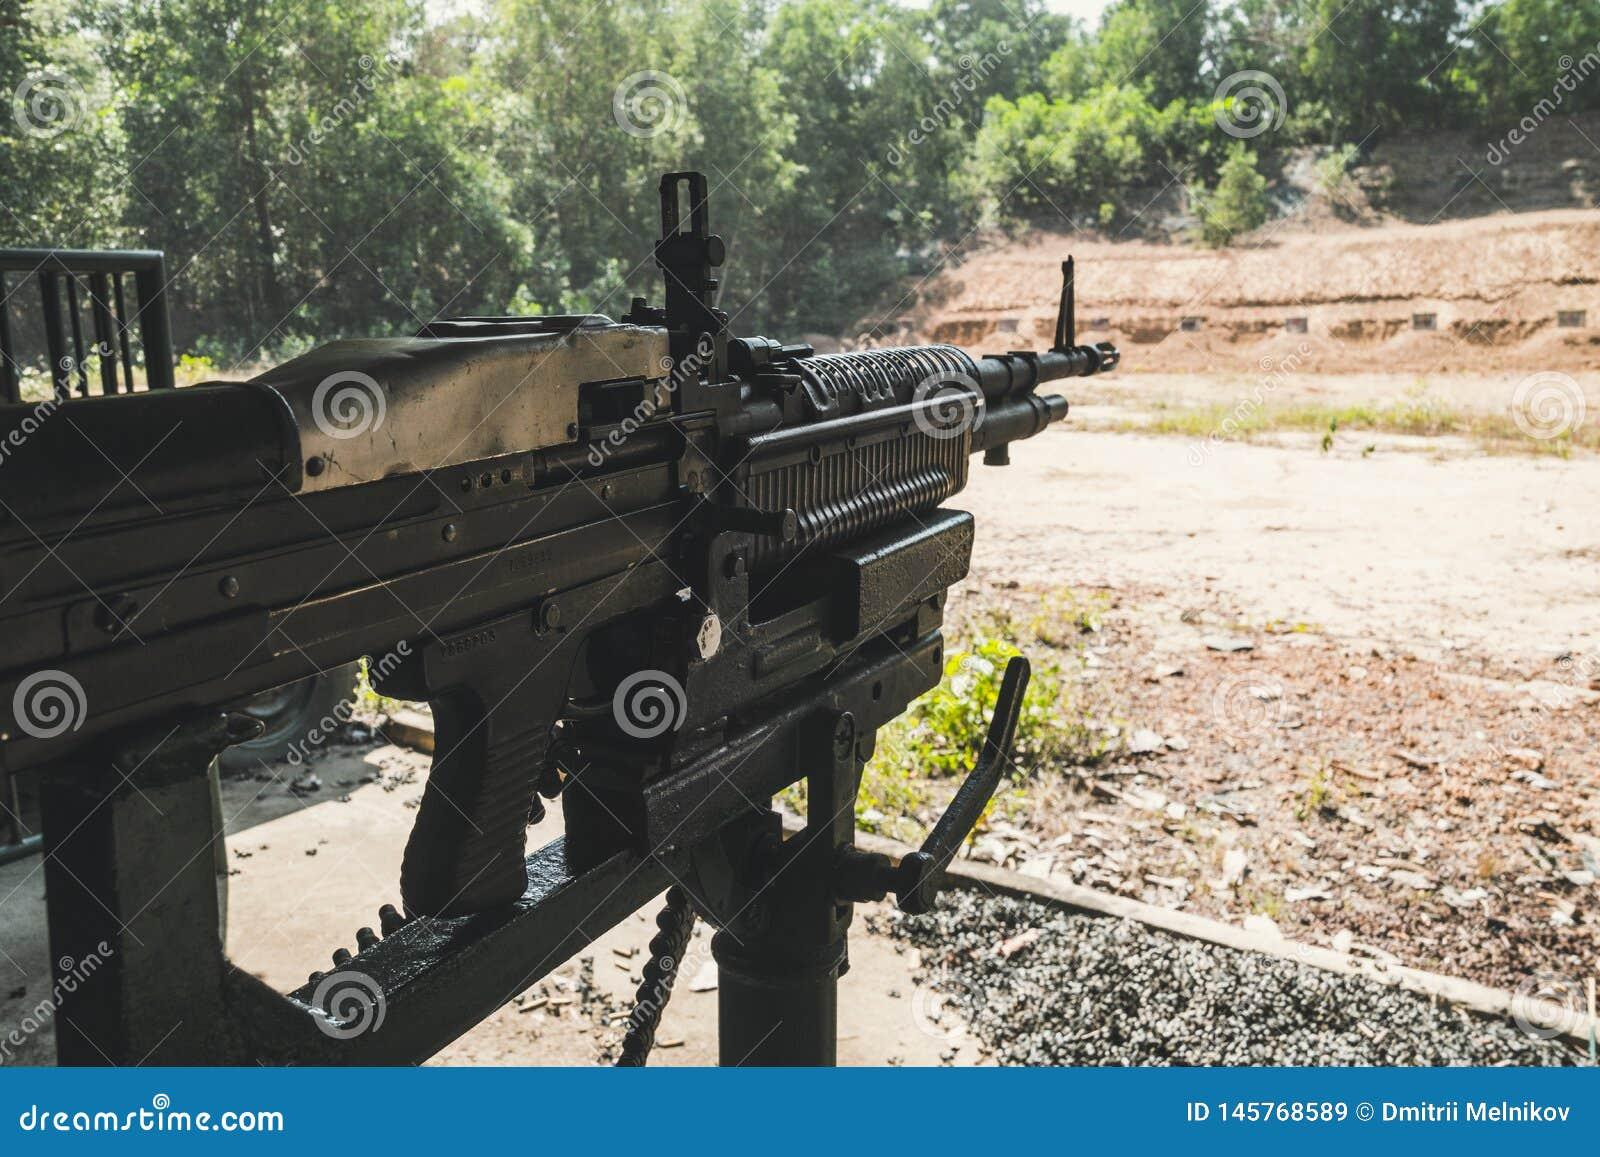 Hand Machine Gun M60 Machinegun - Vietnam Stock Image